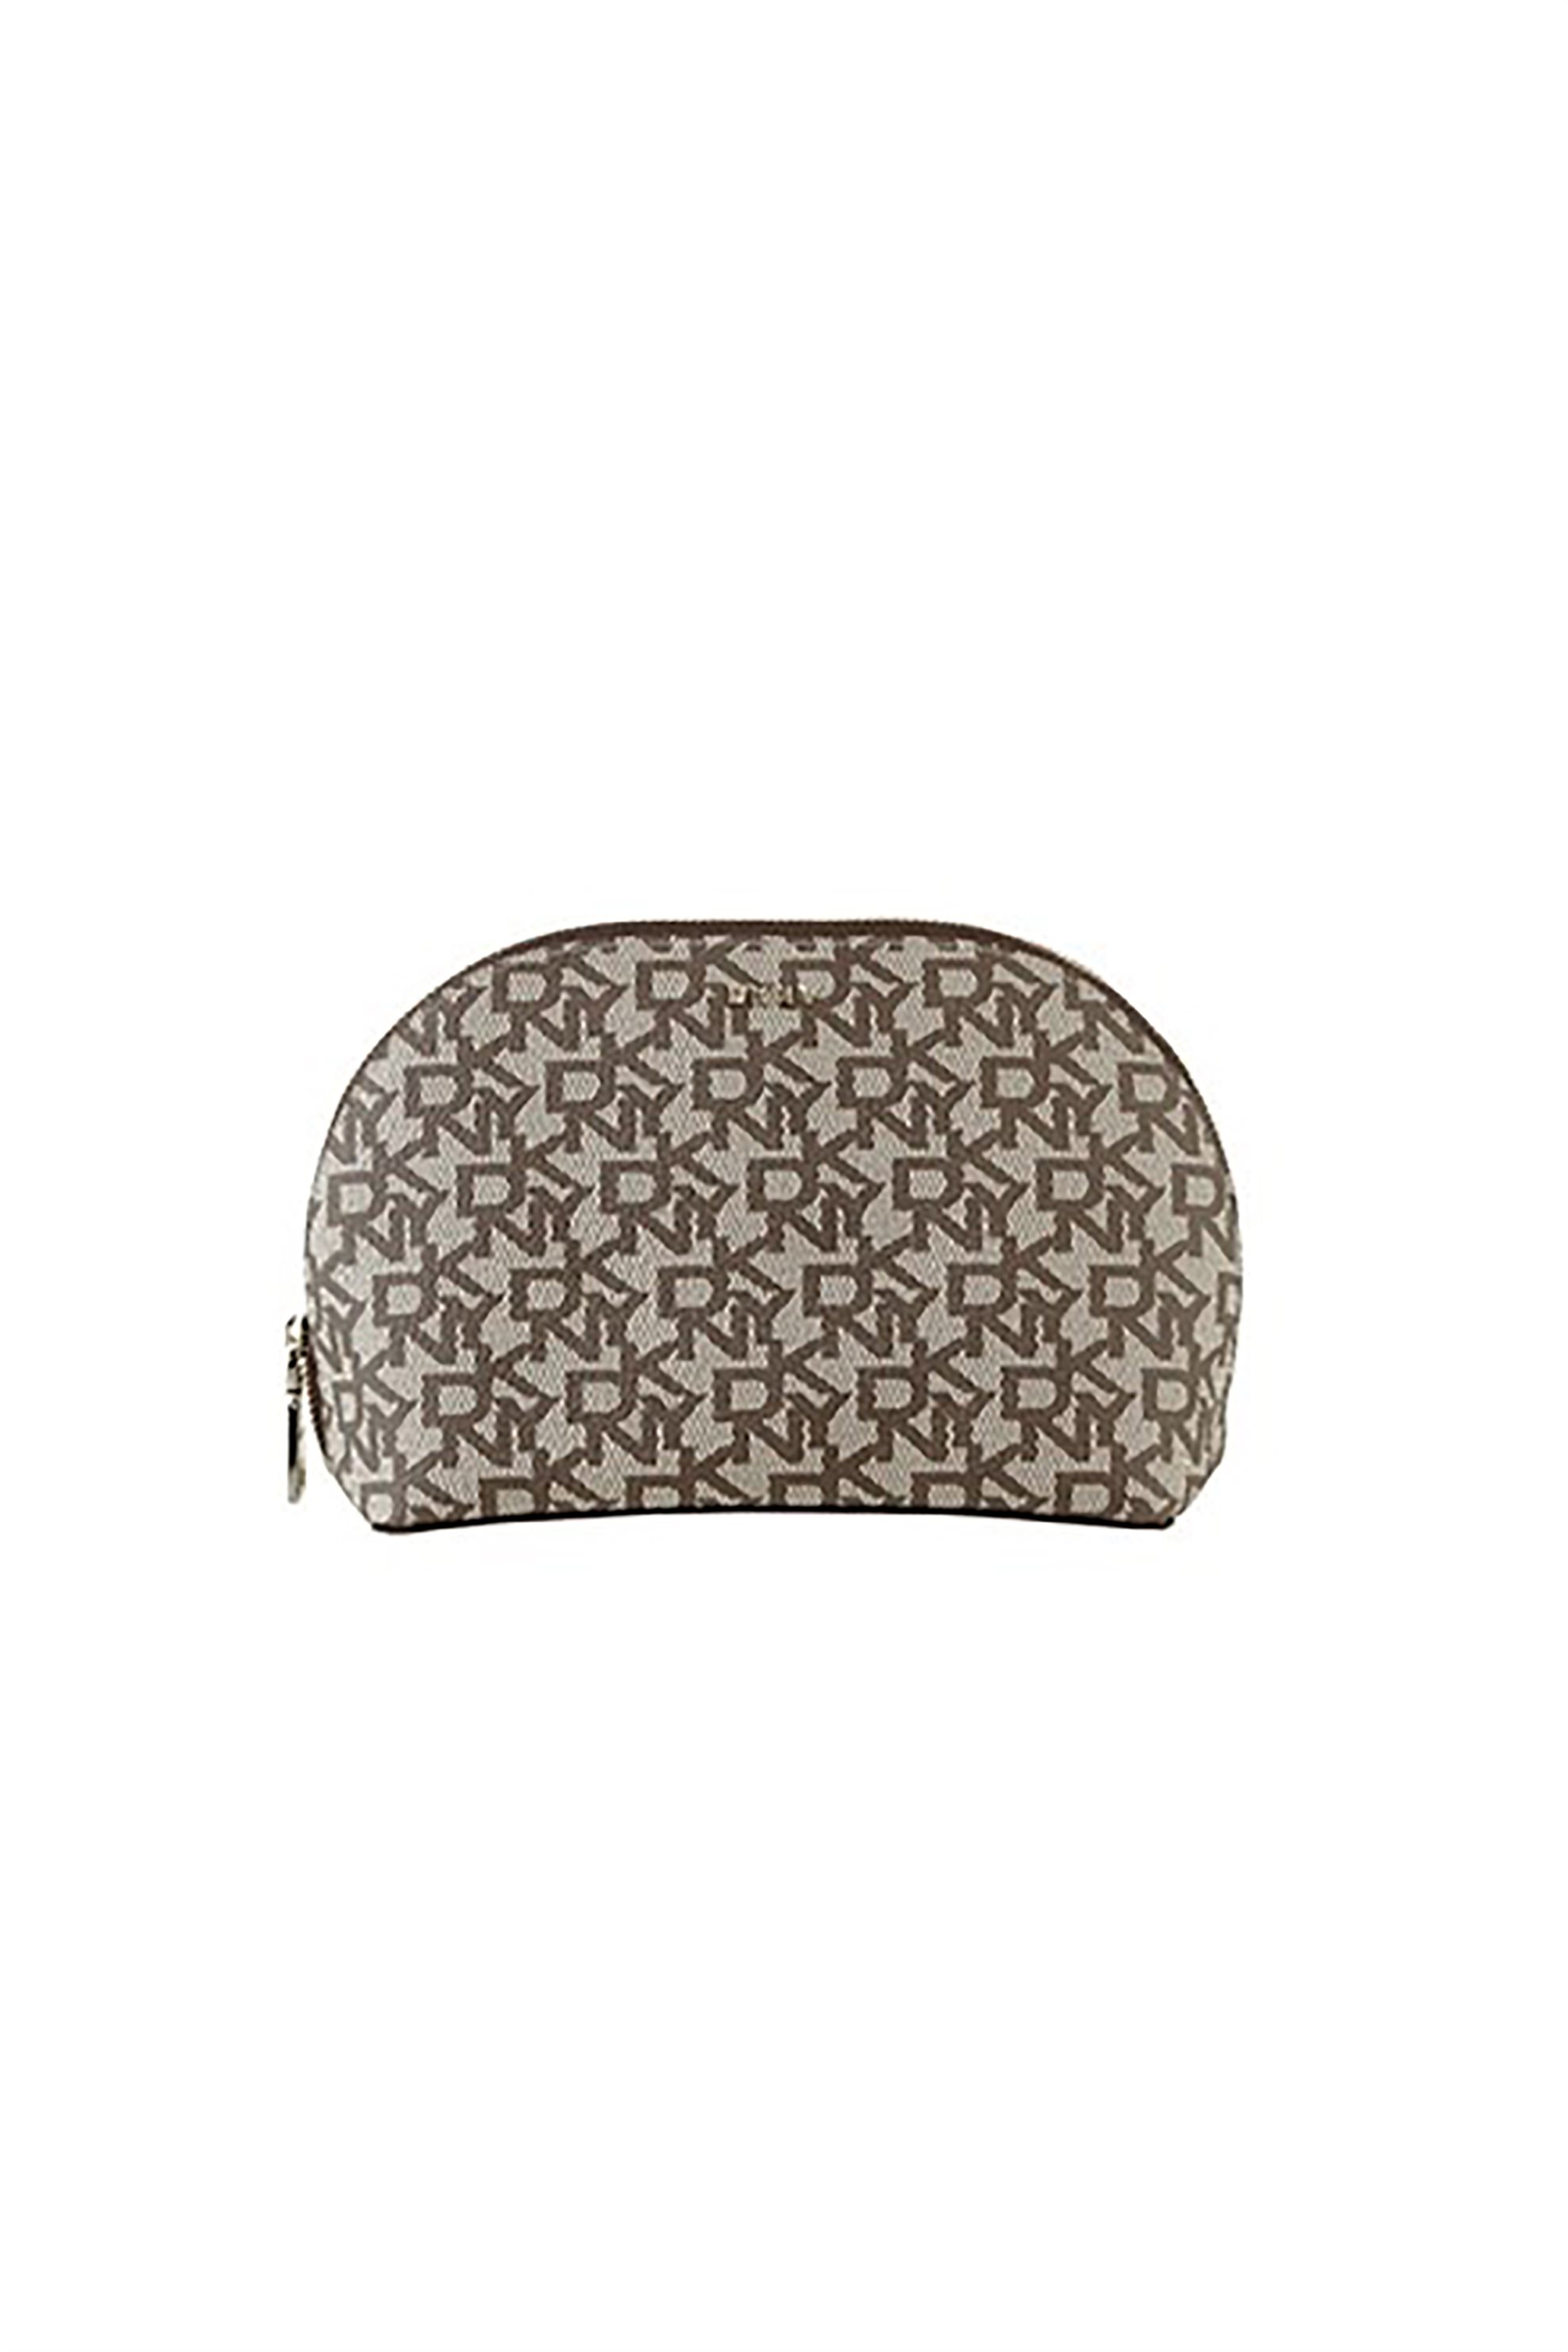 1426666819 DKNY γυναικείο πορτοφόλι με λογότυπο Bryant - R84RJ986 - Καφέ